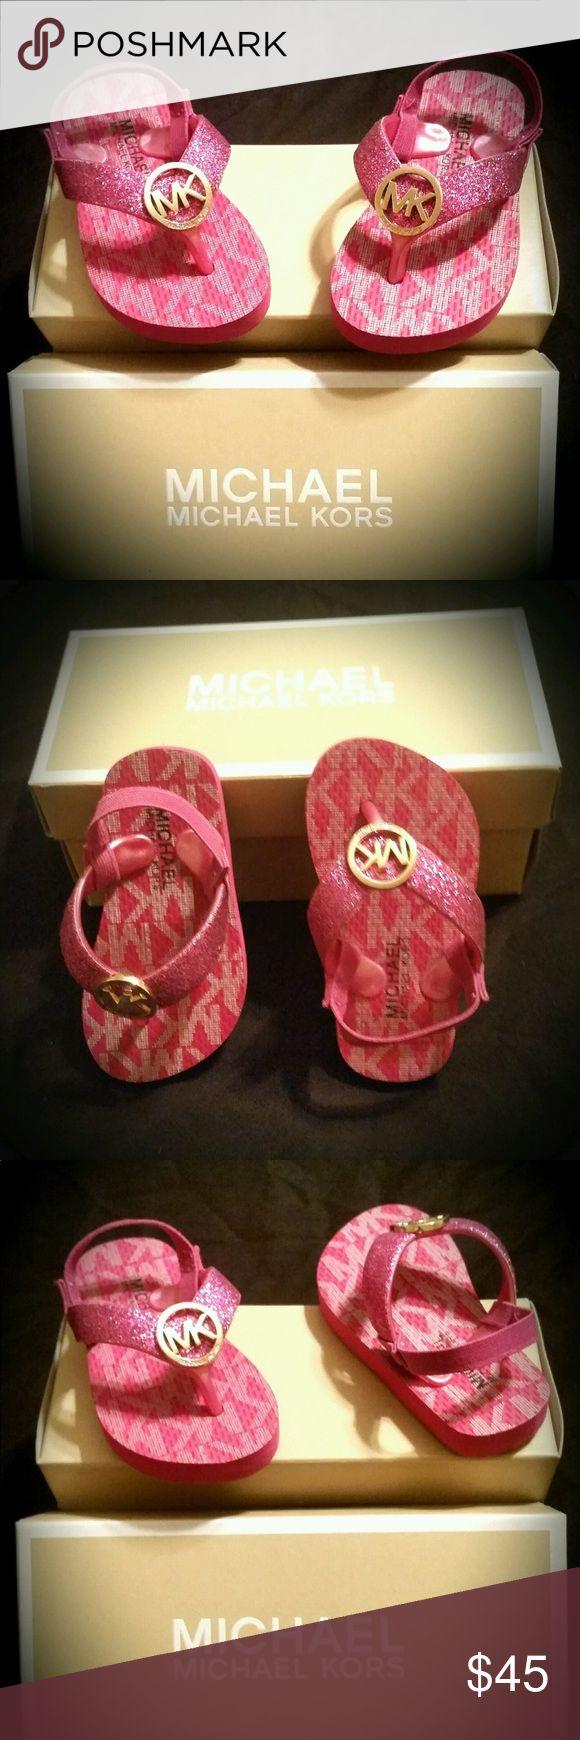 🎉HP🎉 Infant  Michael Kors girls flip-flops Really adorable infant pink Michael Kors girls flip-flops size 5 KORS Michael Kors Shoes Sandals & Flip Flops